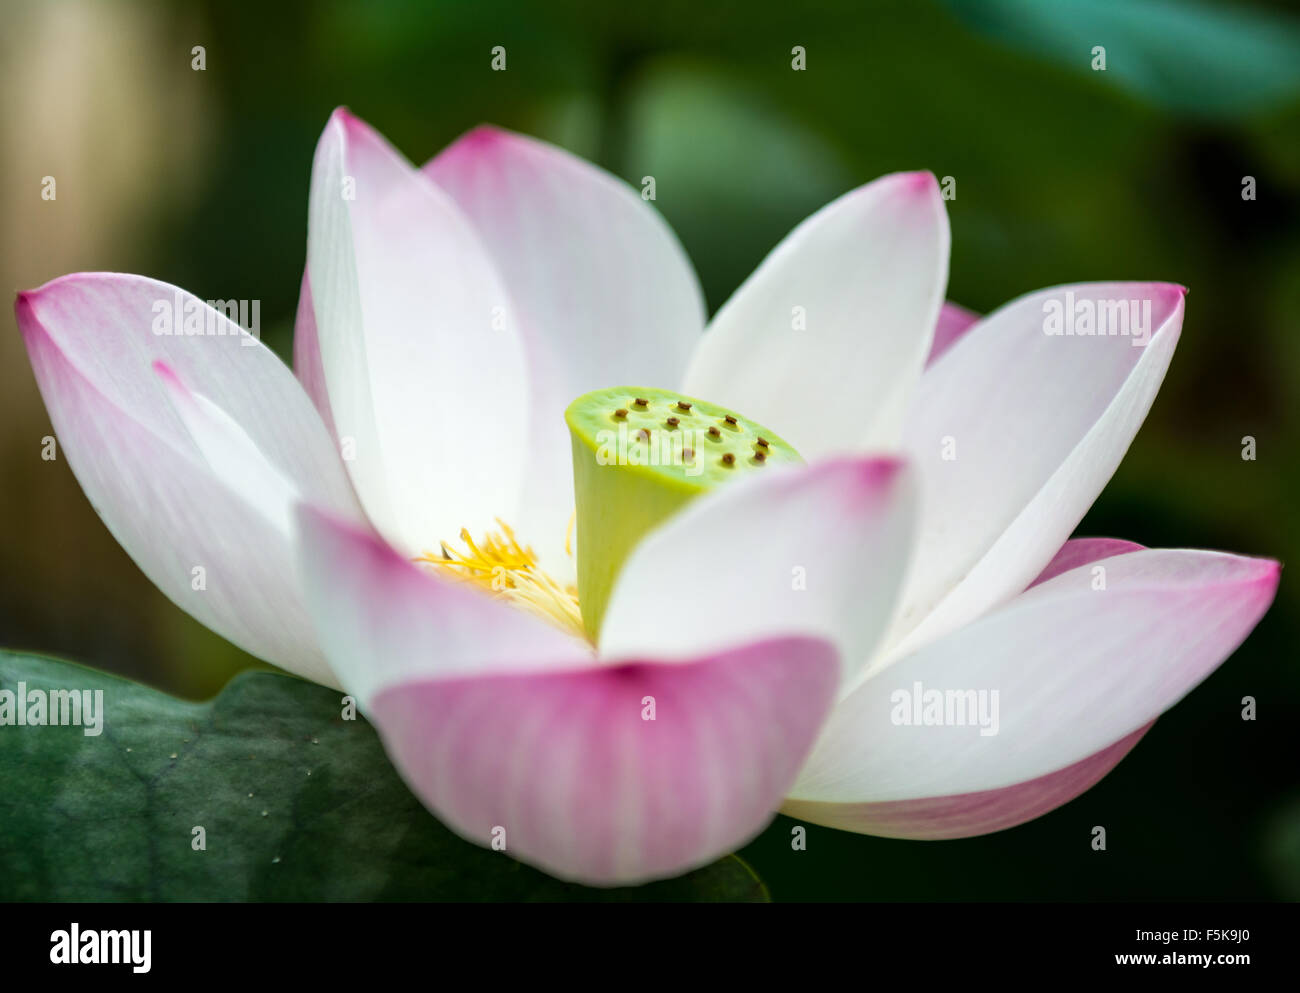 Una Flor De Loto En Un Templo Budista En Seúl Corea Del Sur Foto